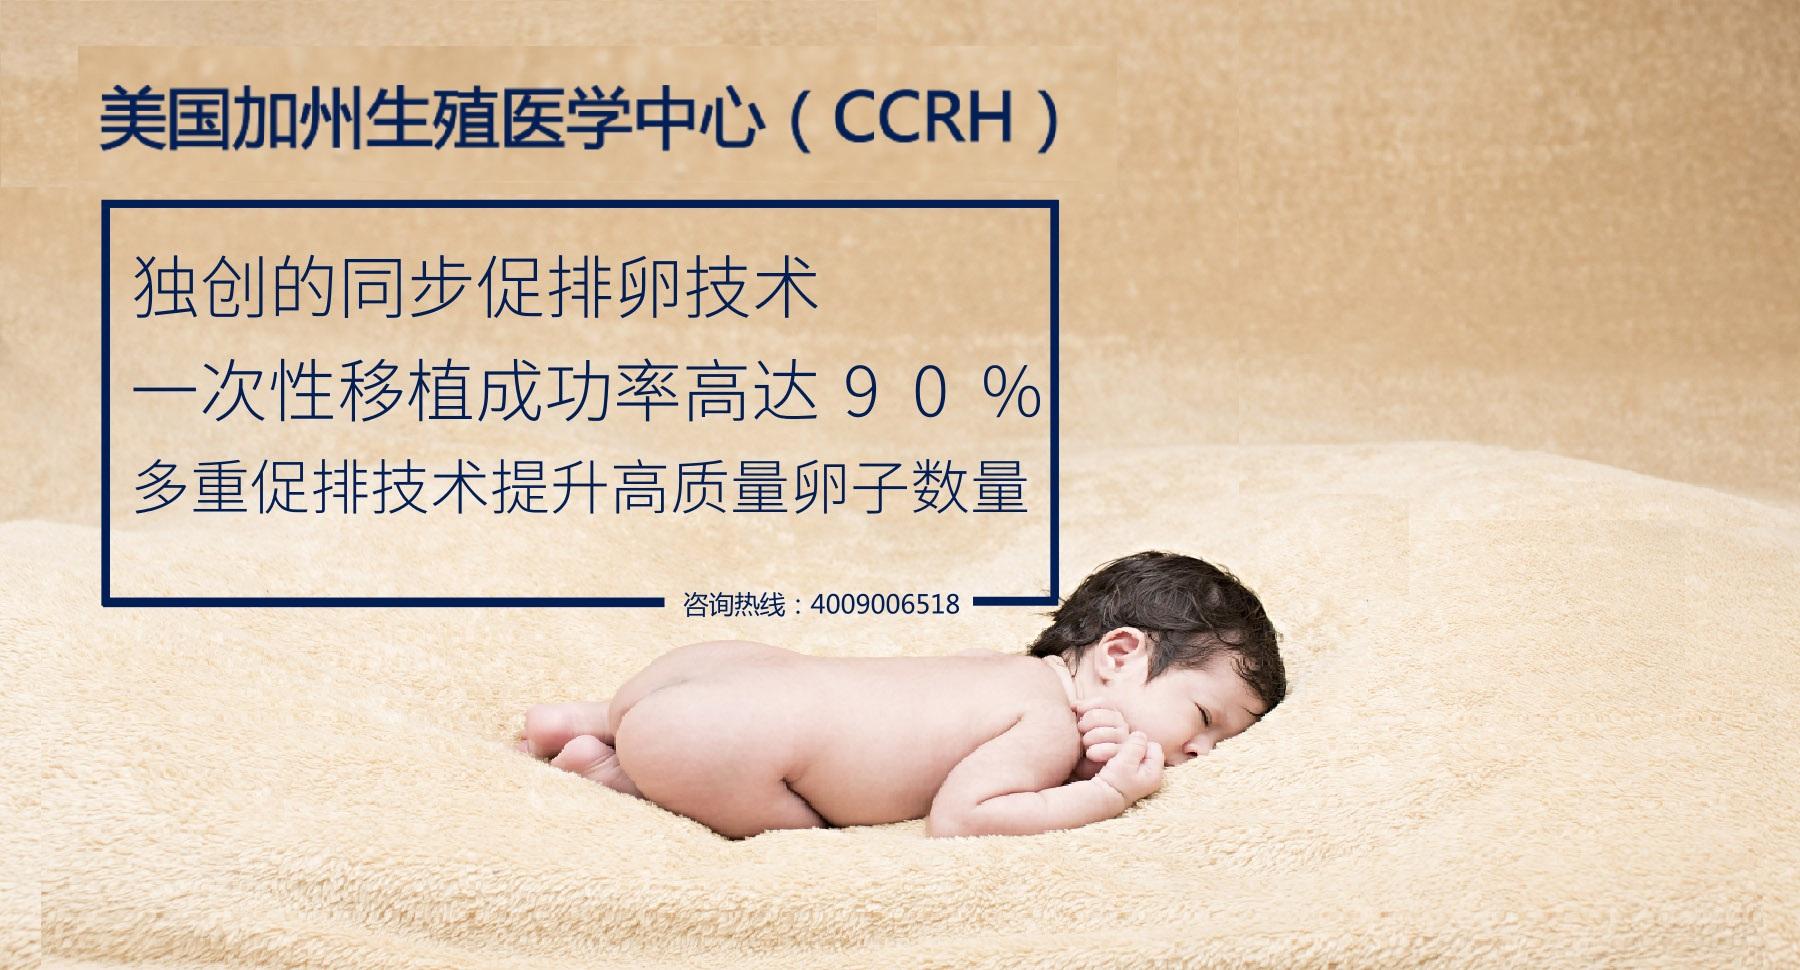 美国CCRH